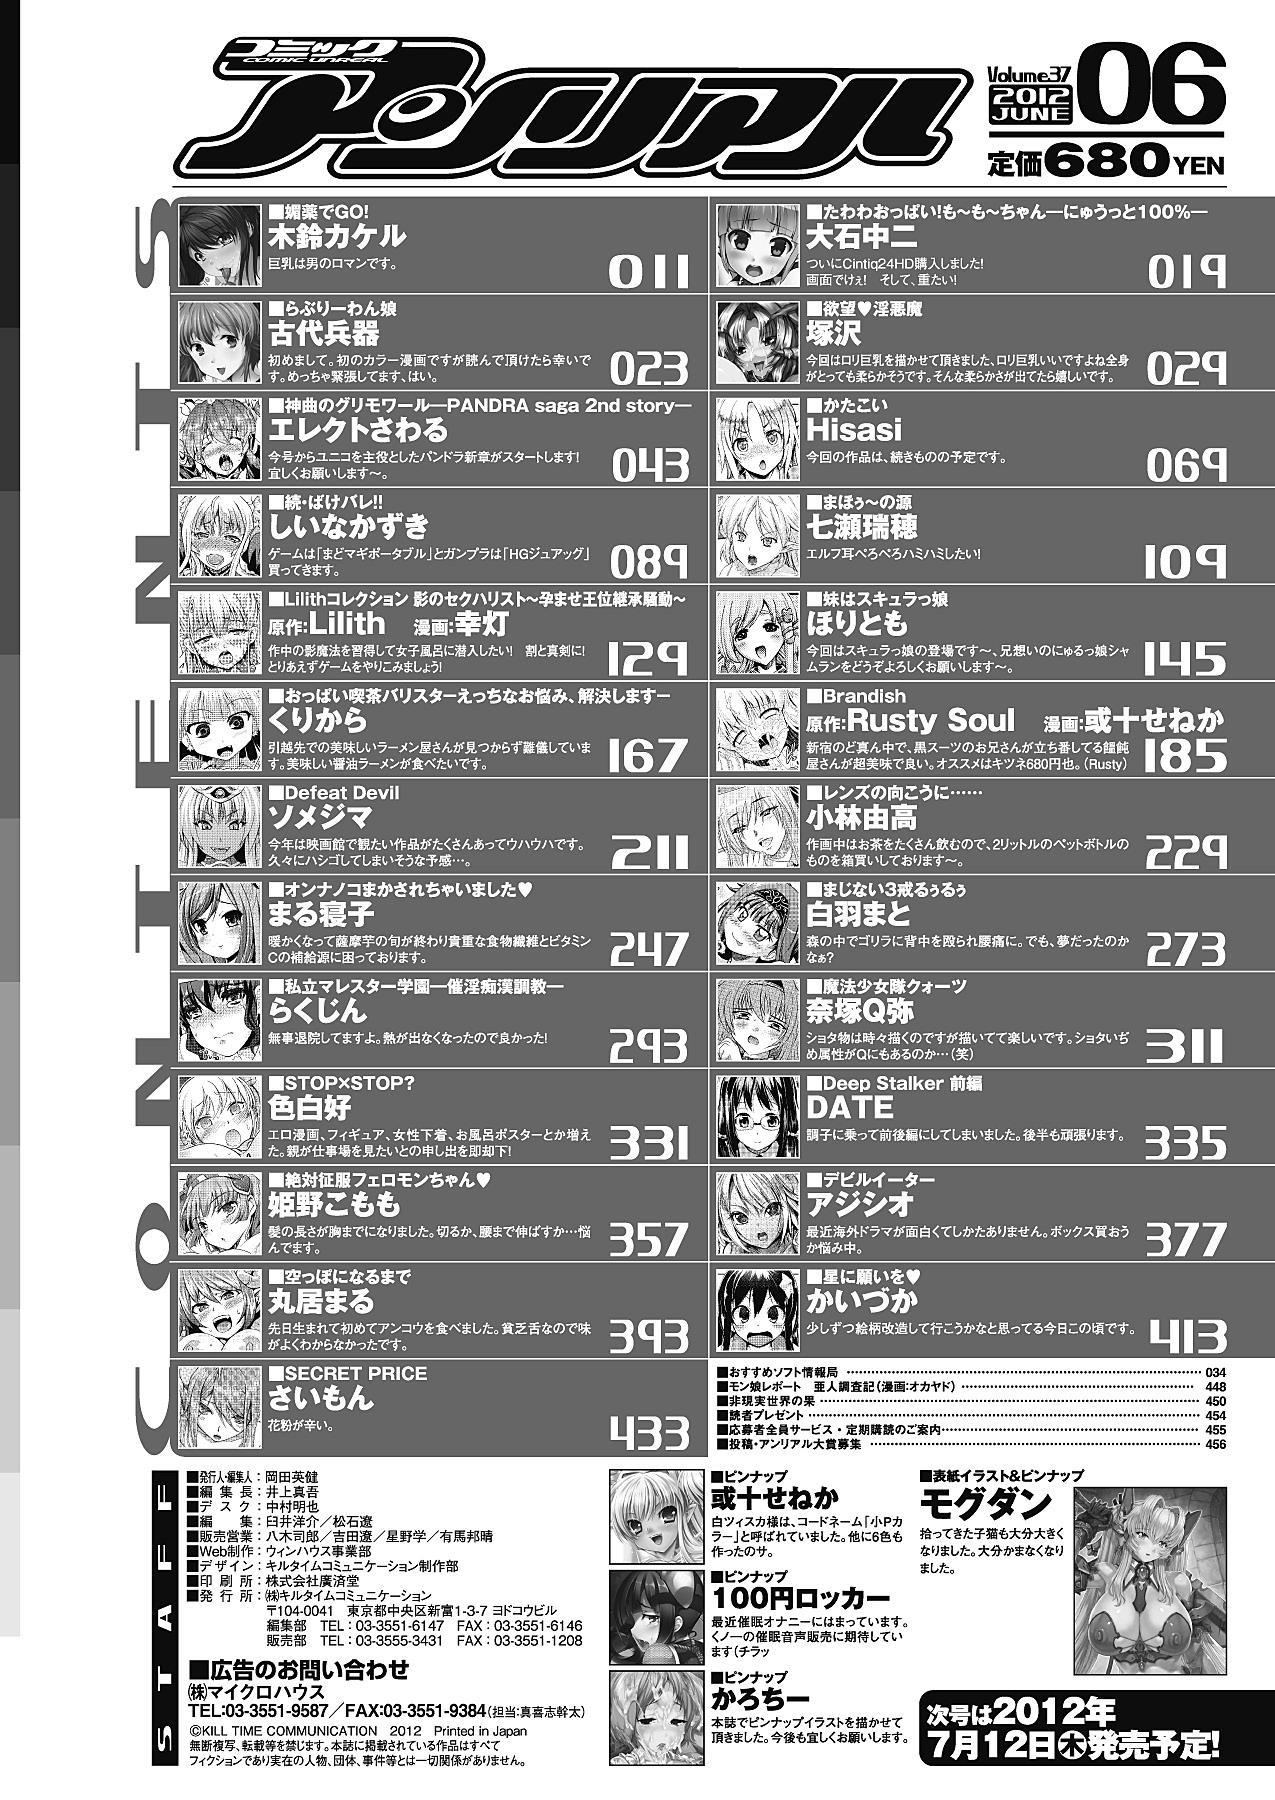 COMIC Unreal 2012-06 Vol. 37 453